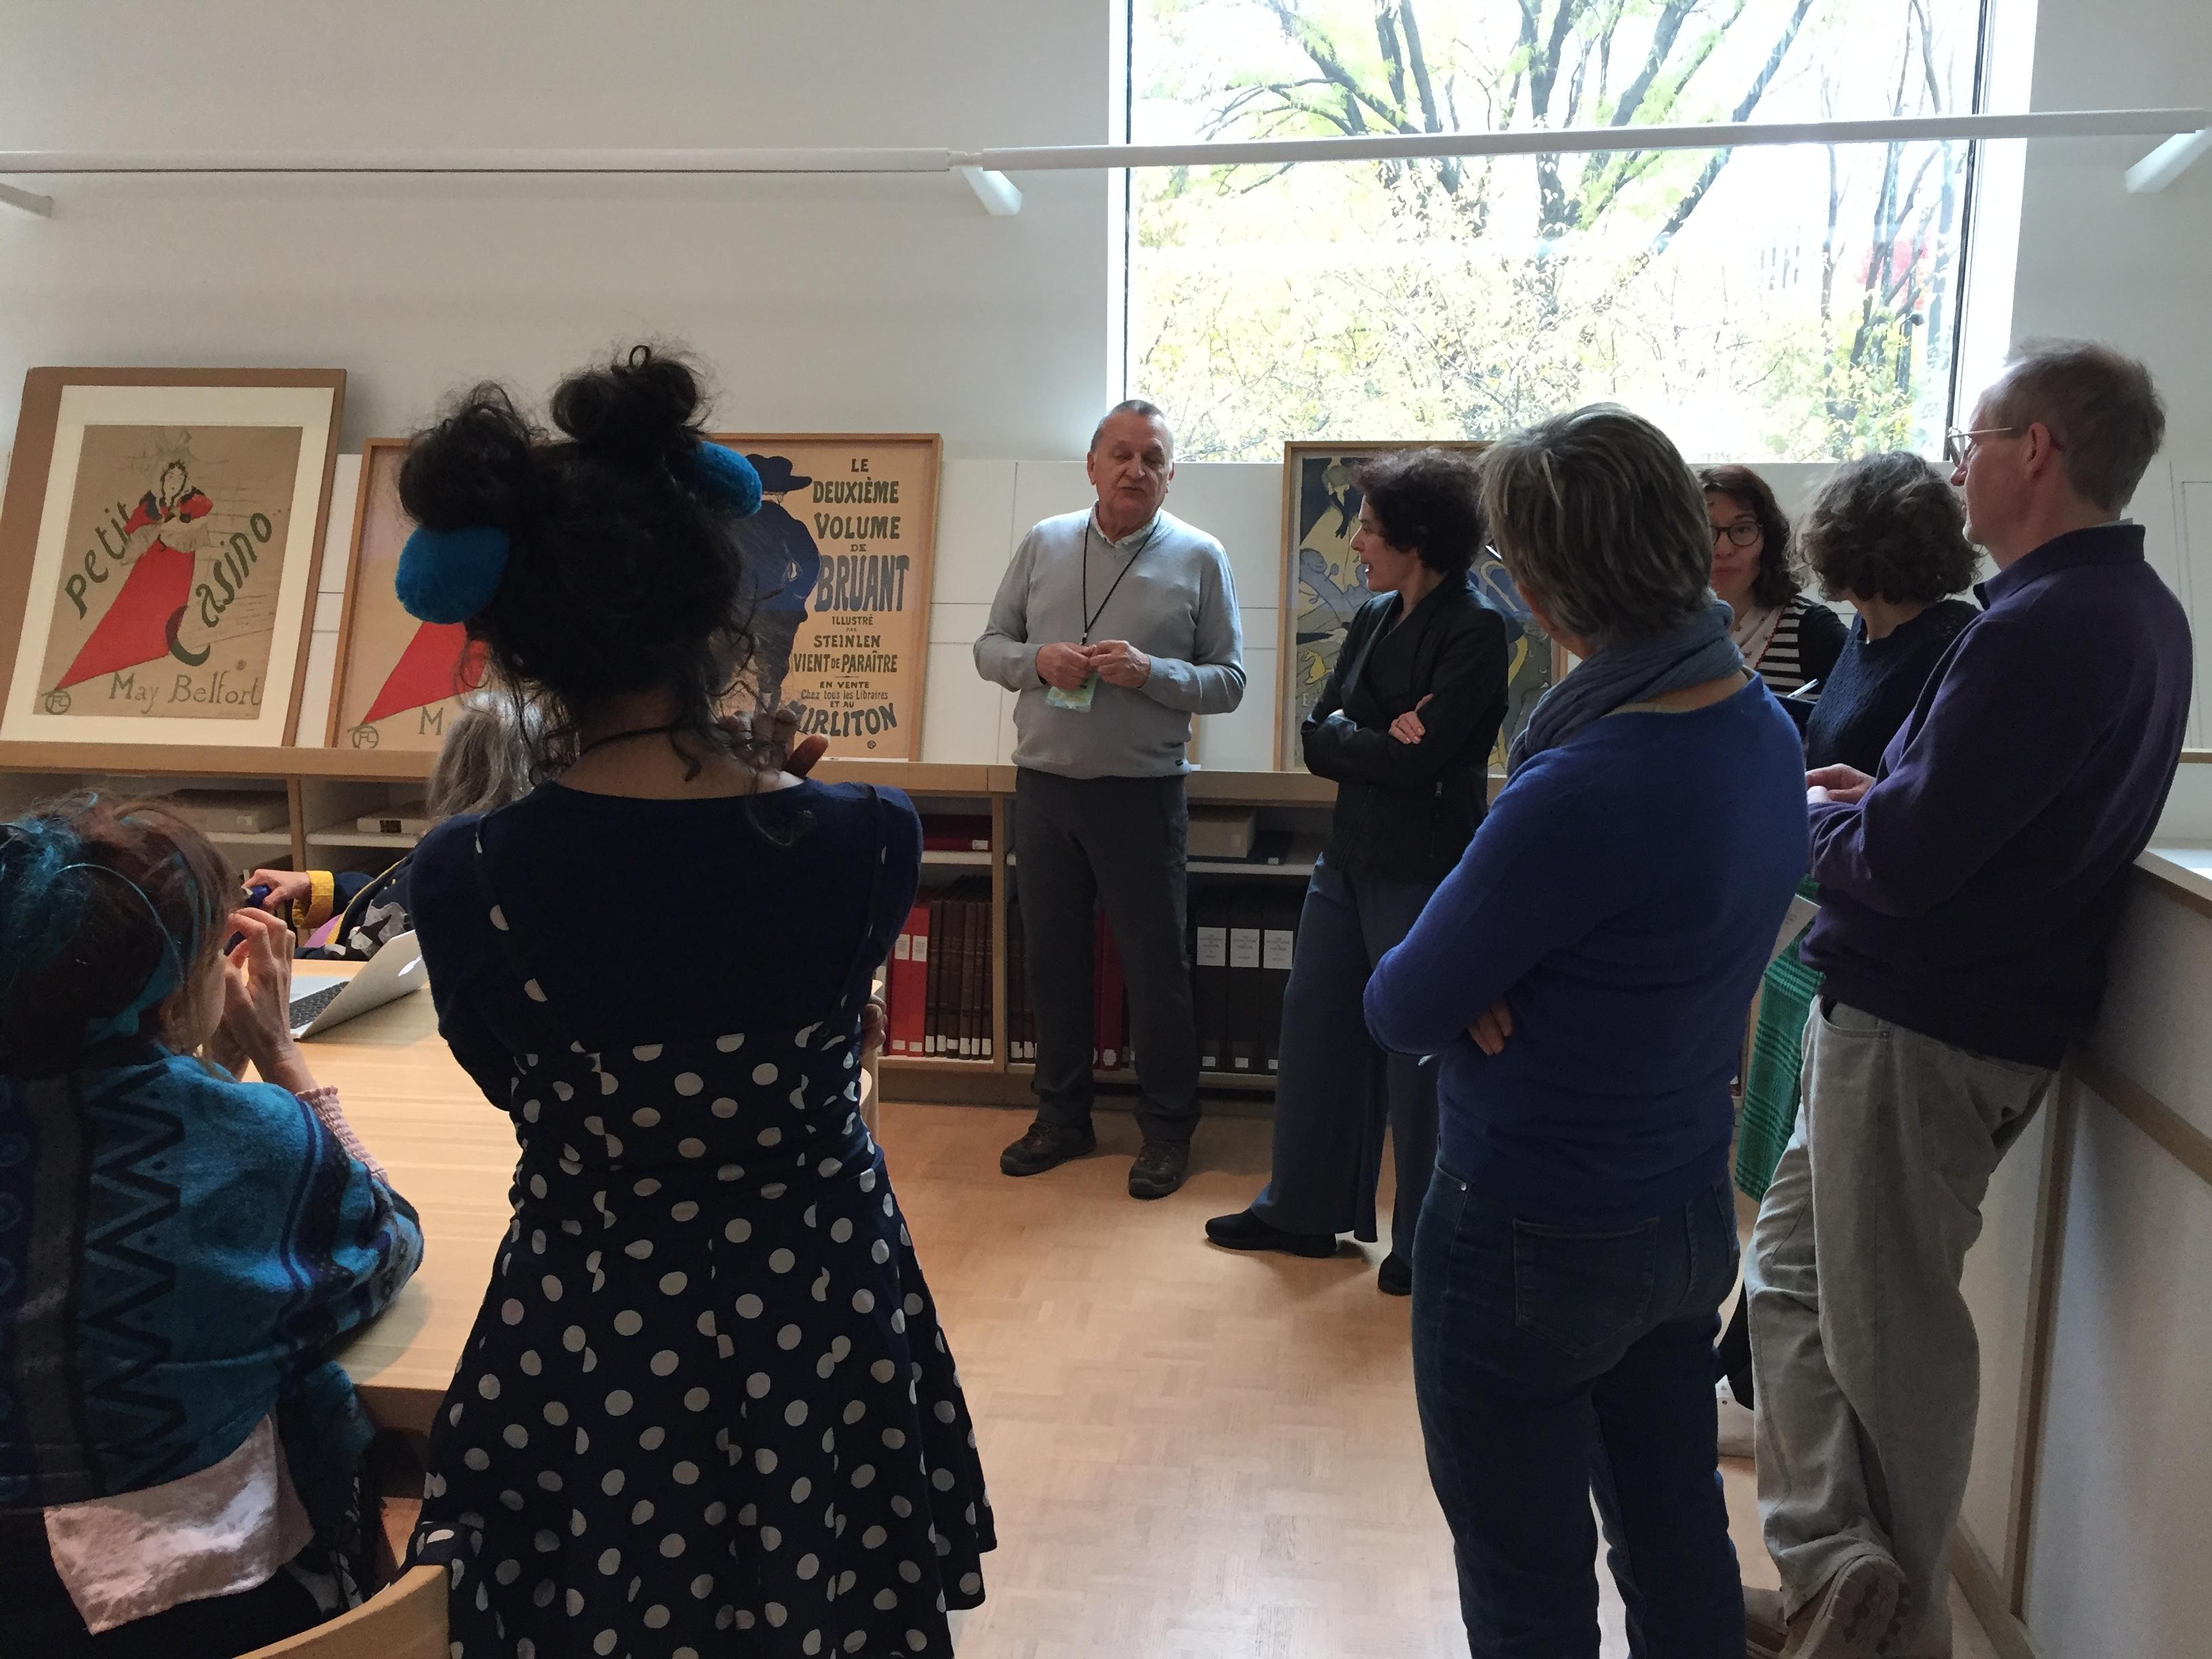 Suite de la présentation : May Belfort et Aristide Bruant par Toulouse-Lautrec.